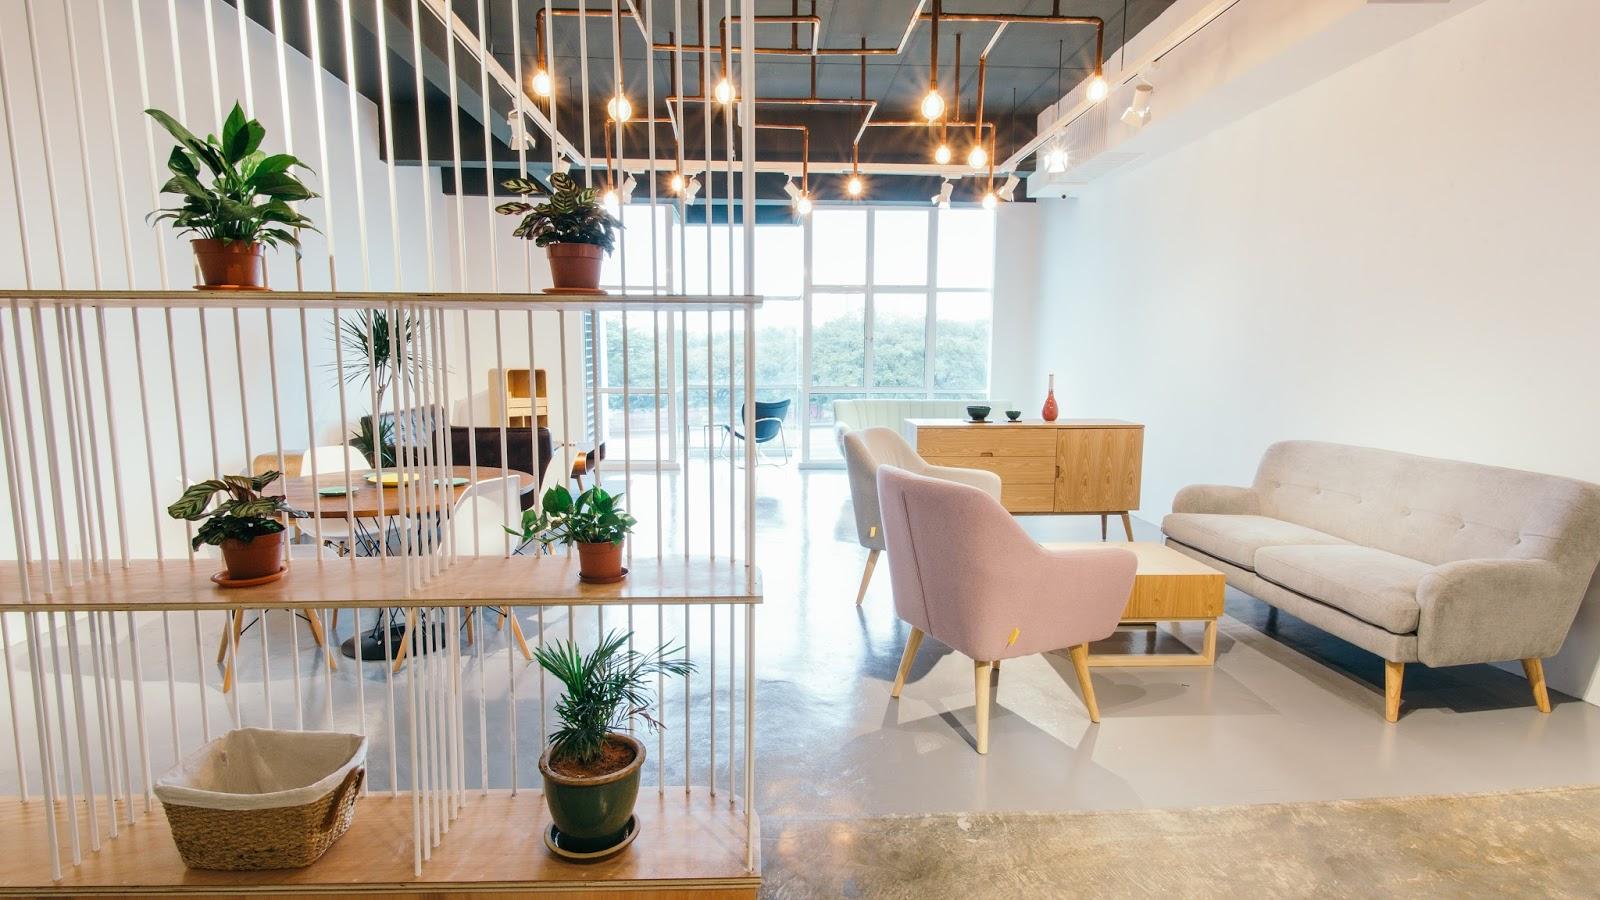 Berita Baik Untuk Korang Terutamanya Yang Duduk Di Johor Bahru Kalau Nak Beli Perabot Terbaik Dan Eksklusif Boleh Je Ke Joy Design